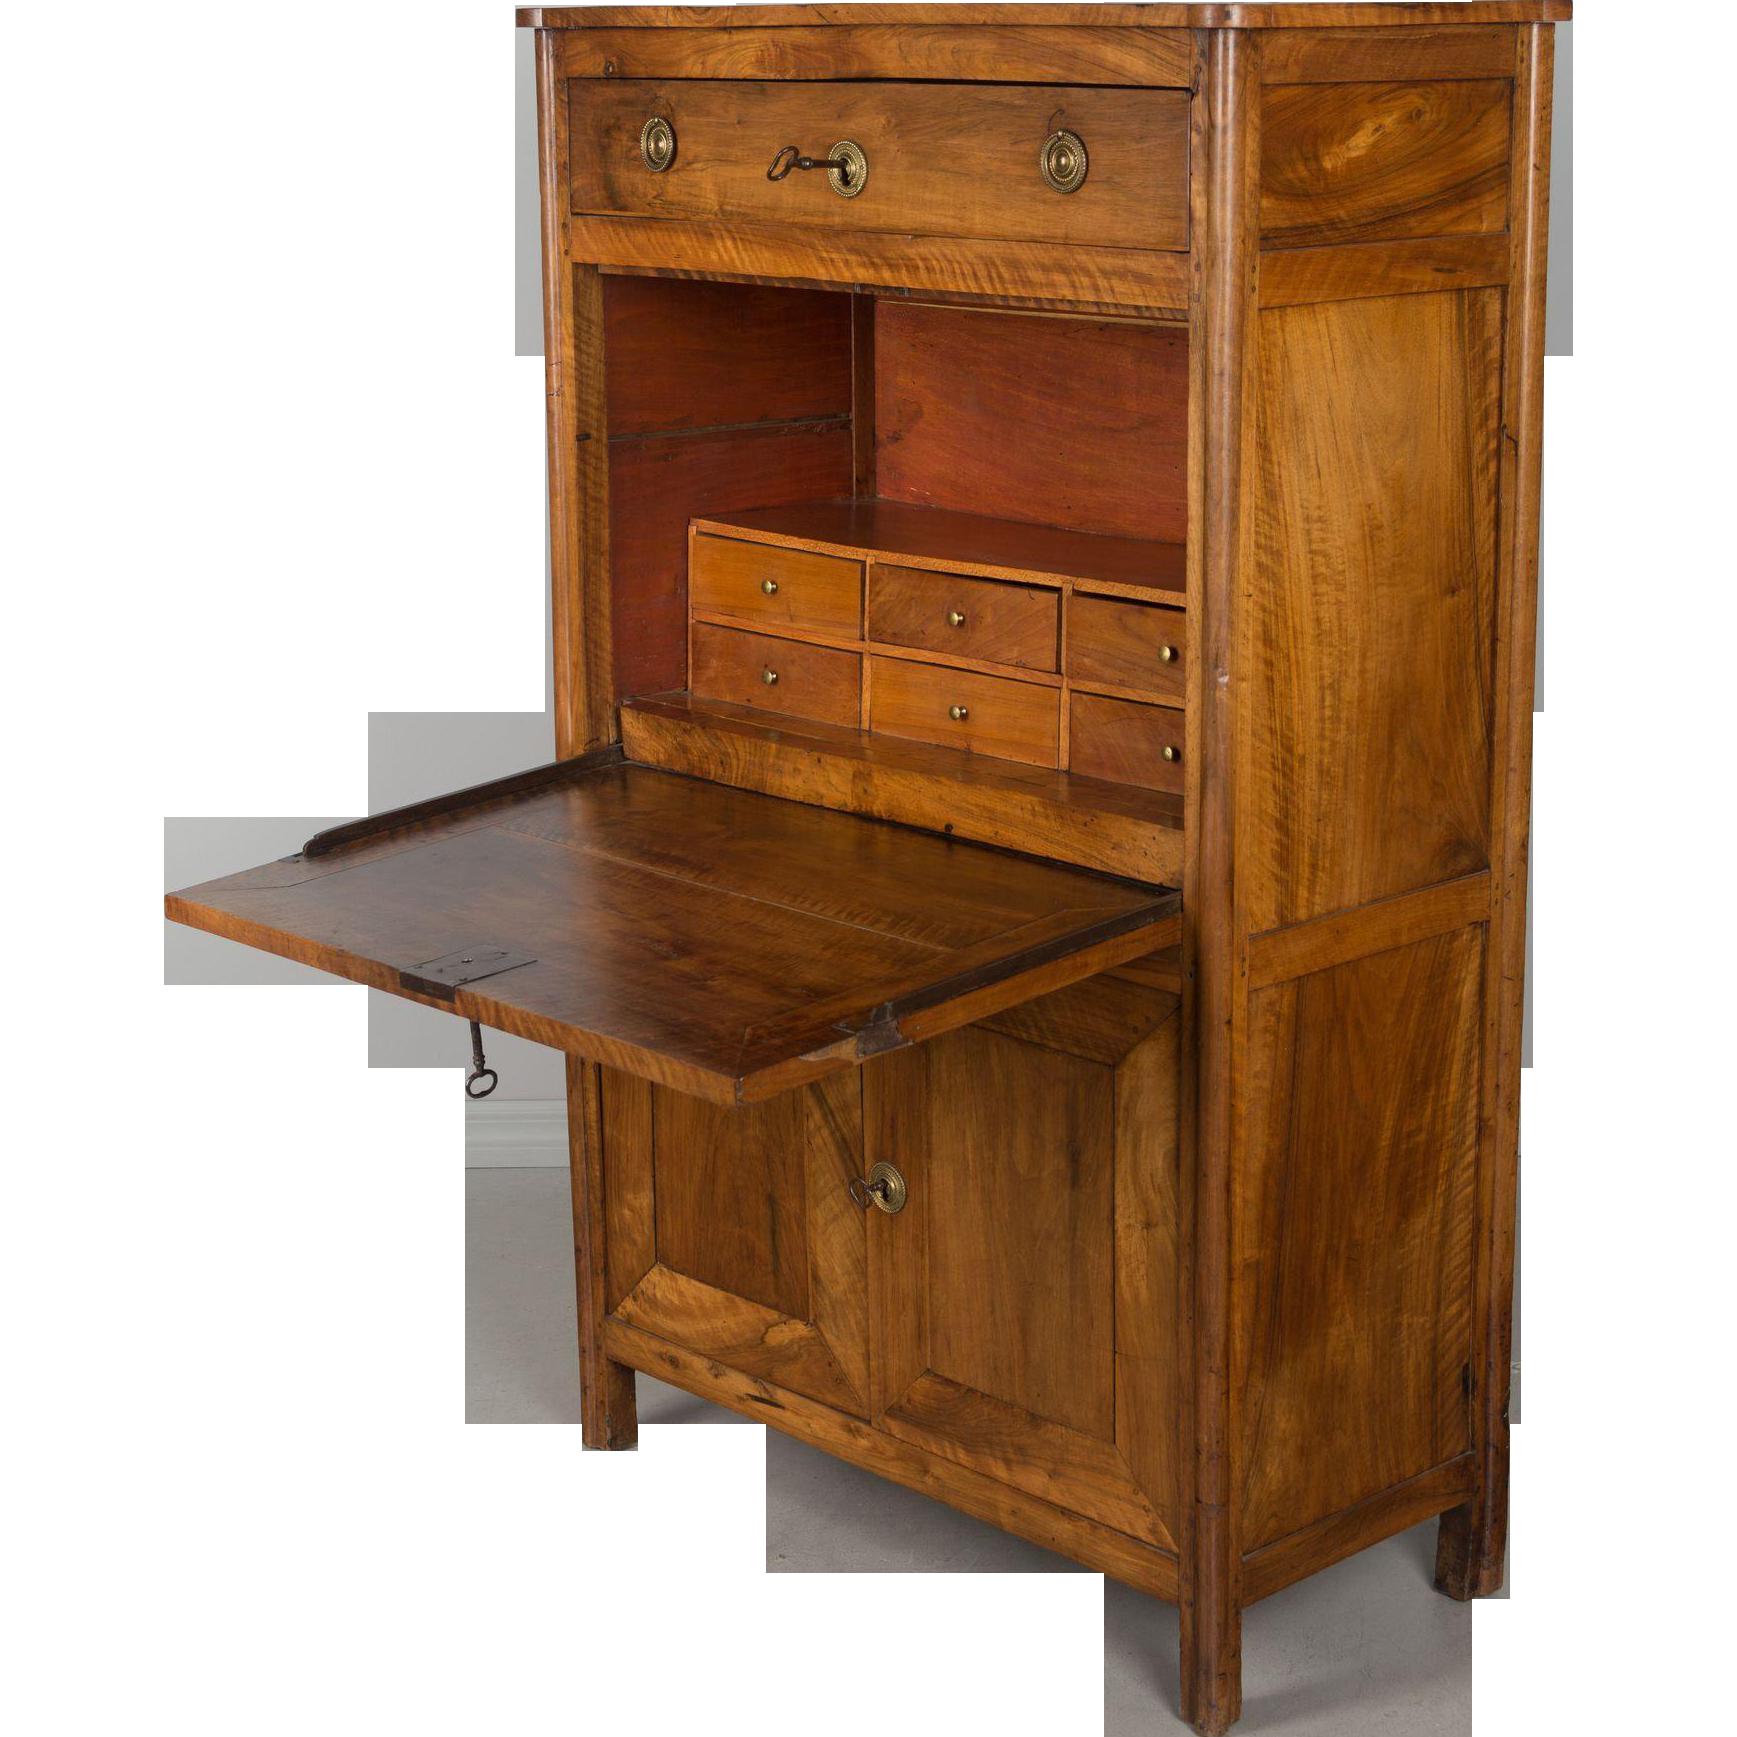 19th c. Restauration Secretaire à Abbattant or Desk